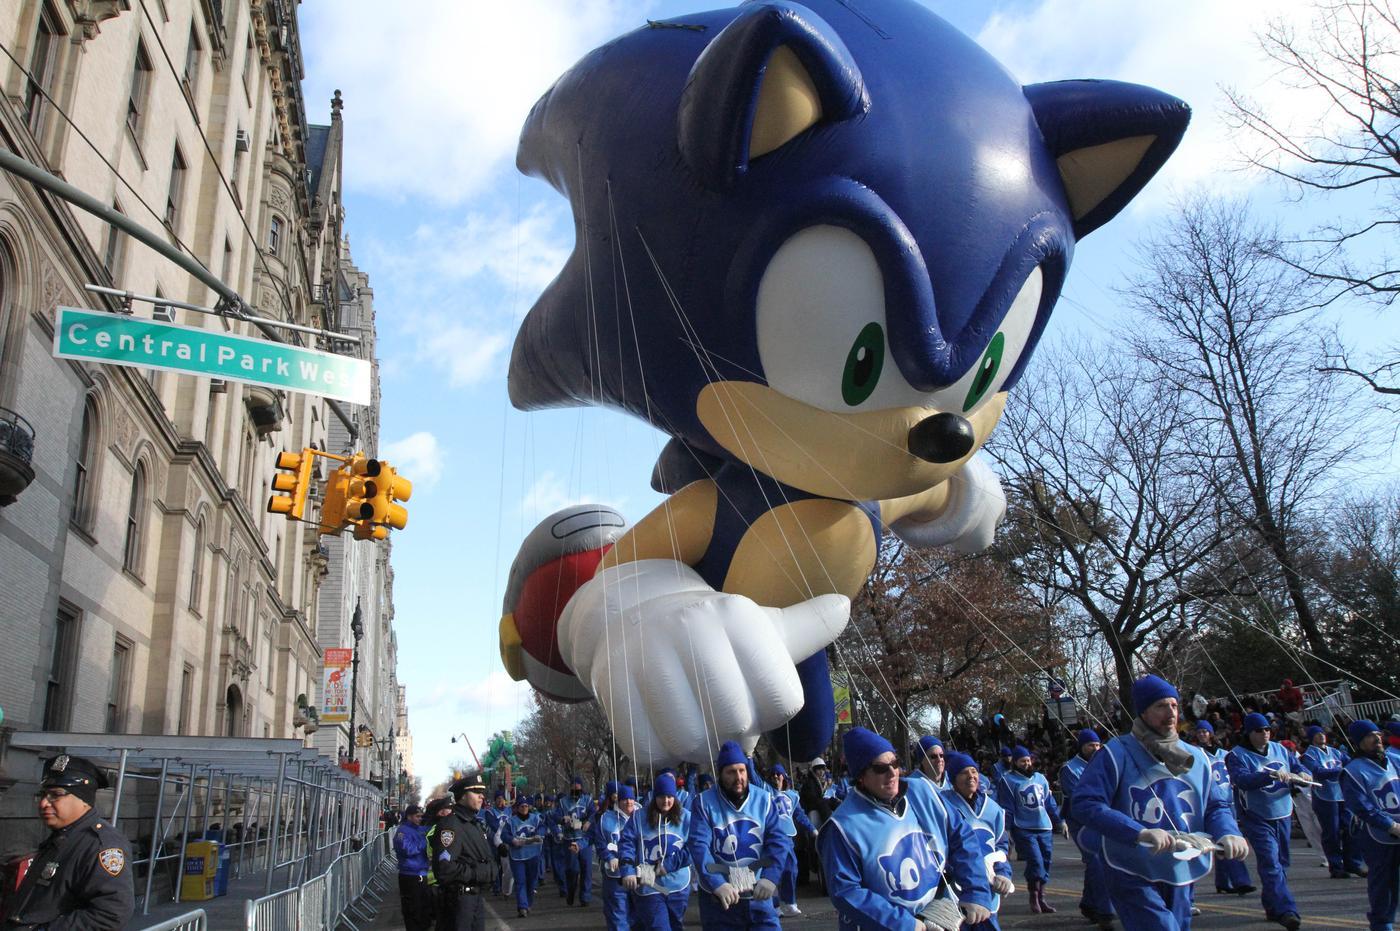 Should Sega give up on Sonic the Hedgehog?